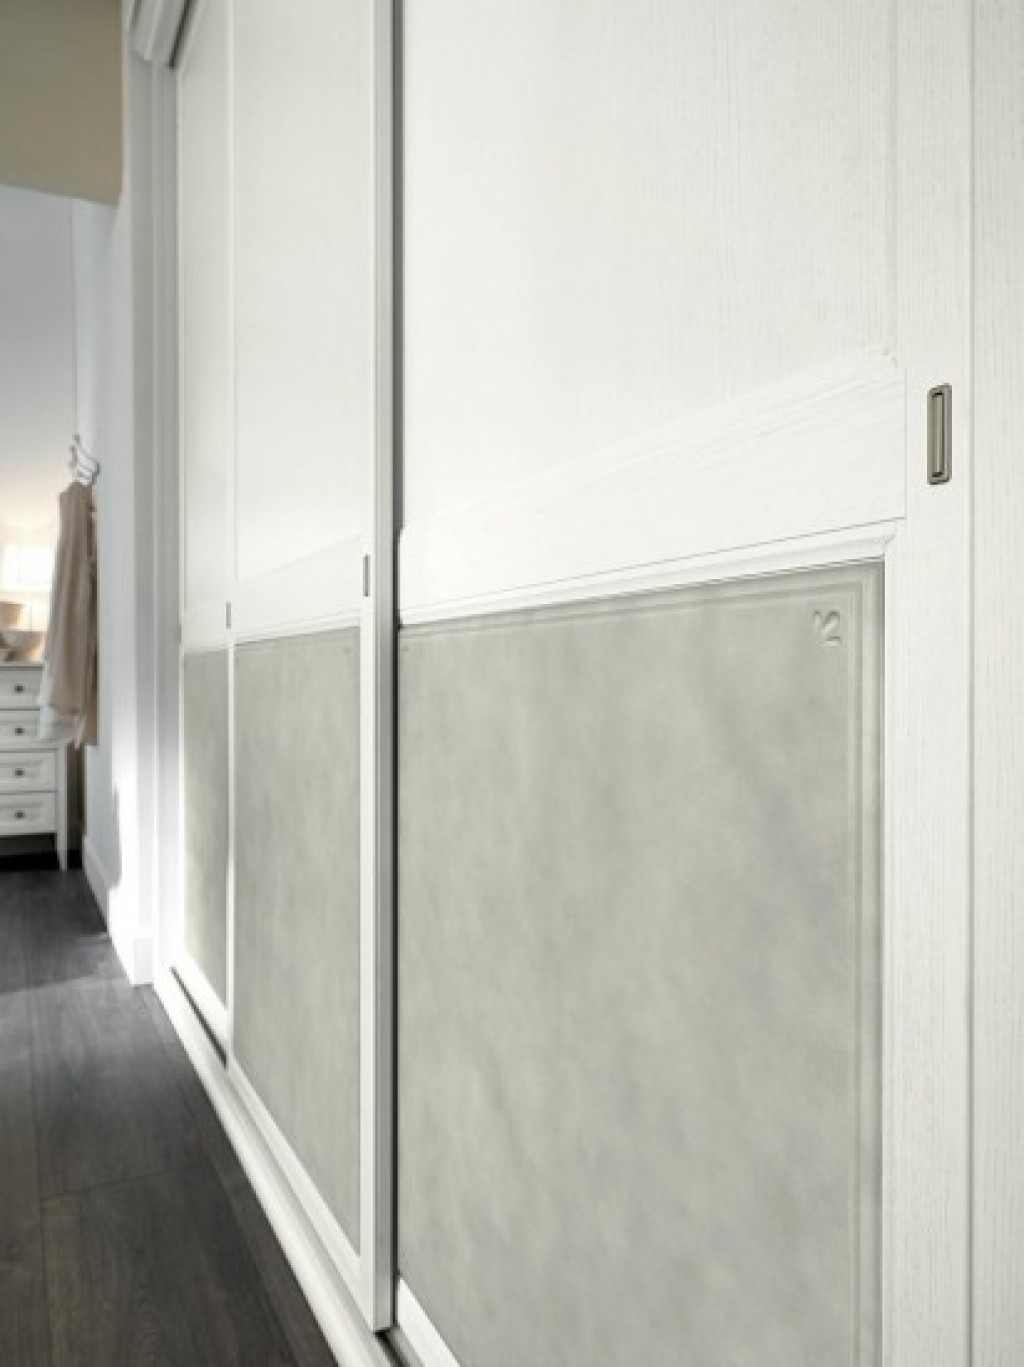 Soggiorni Moderni Brianza : Camera classica oc am cucine mobili di qualità al